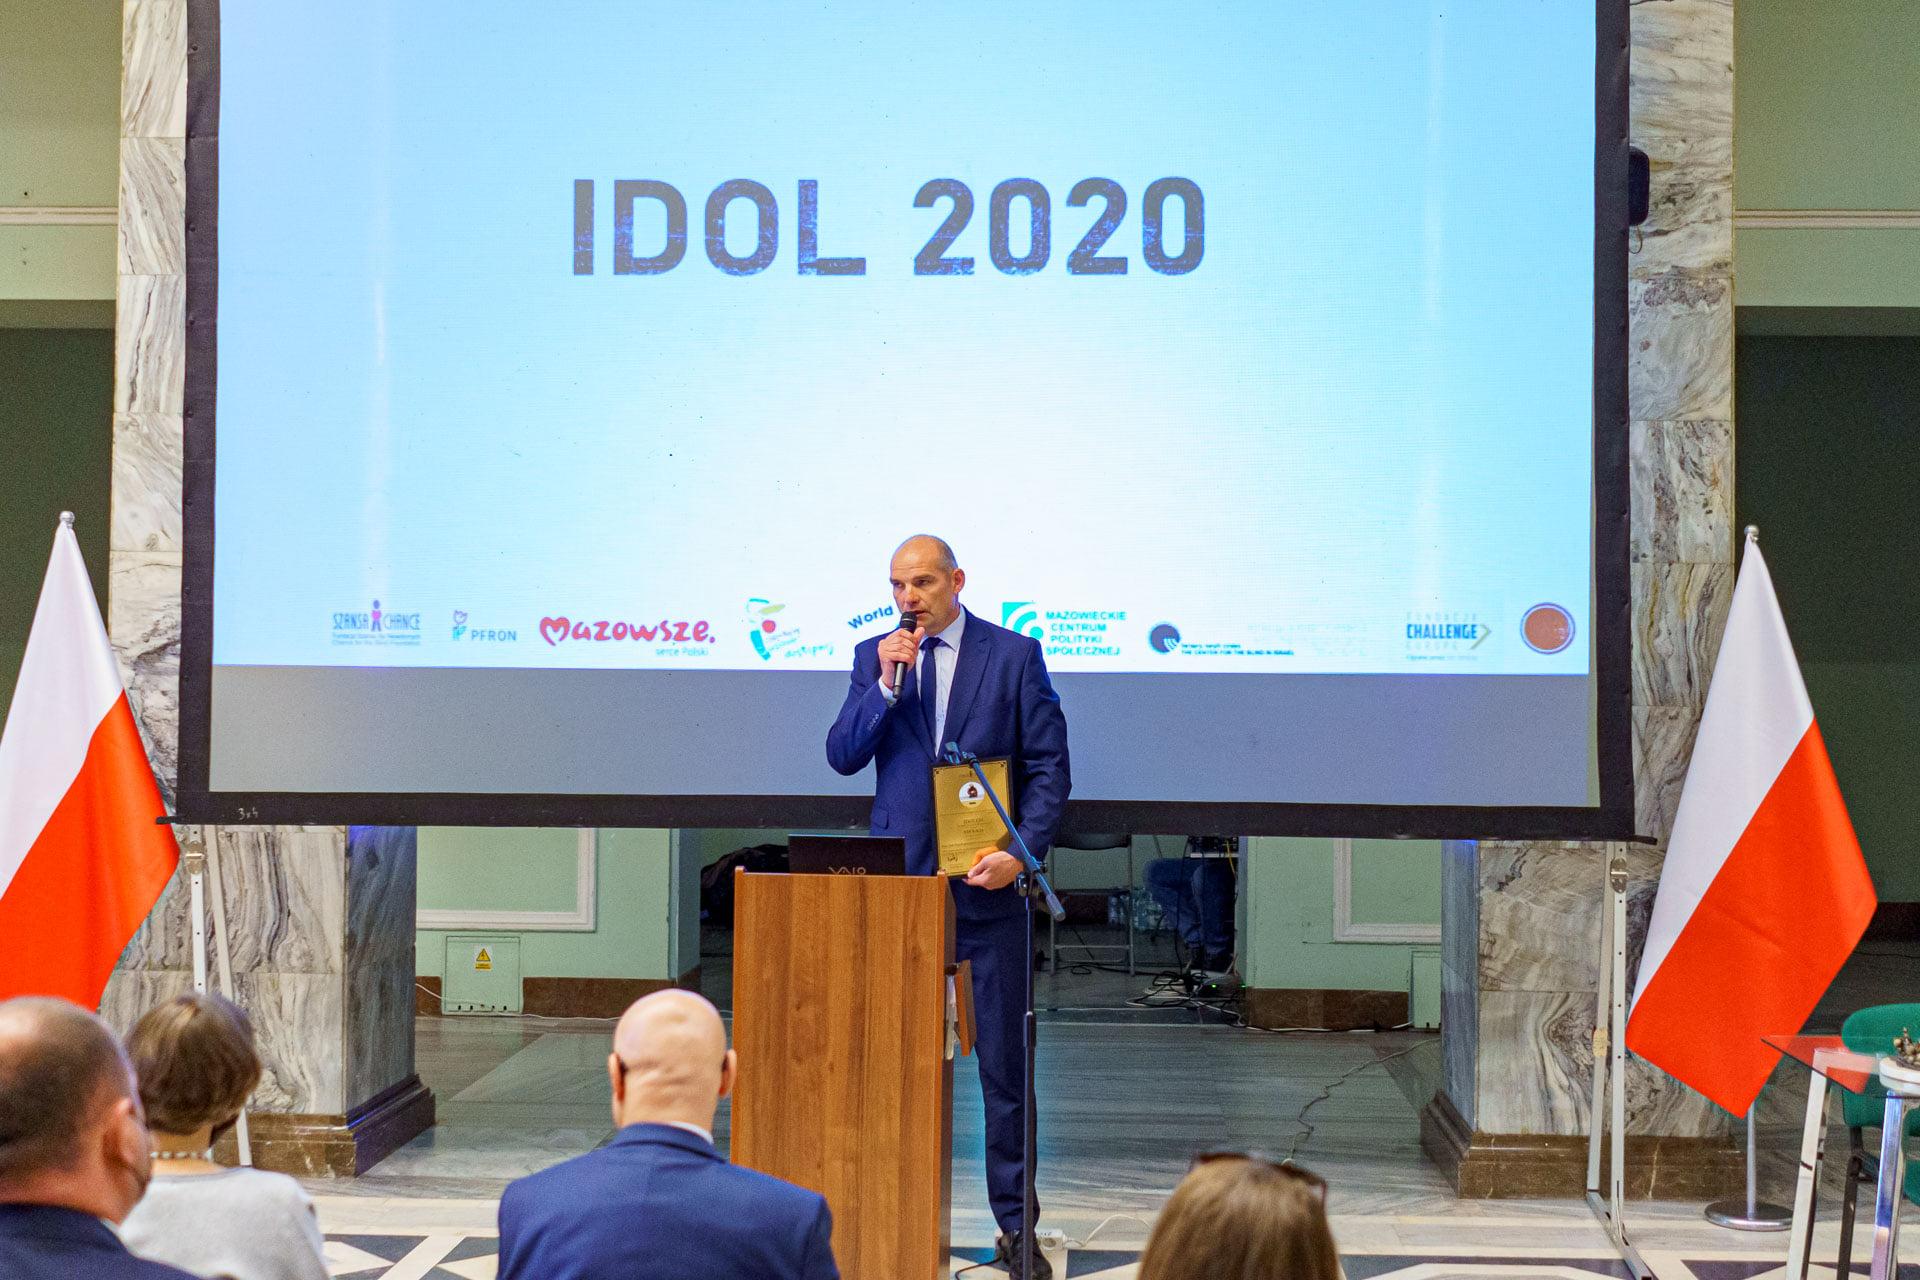 Zdjęcie przedstawia jednego z laureatów edycji 2020, przemawiającego podczas REHA 2020